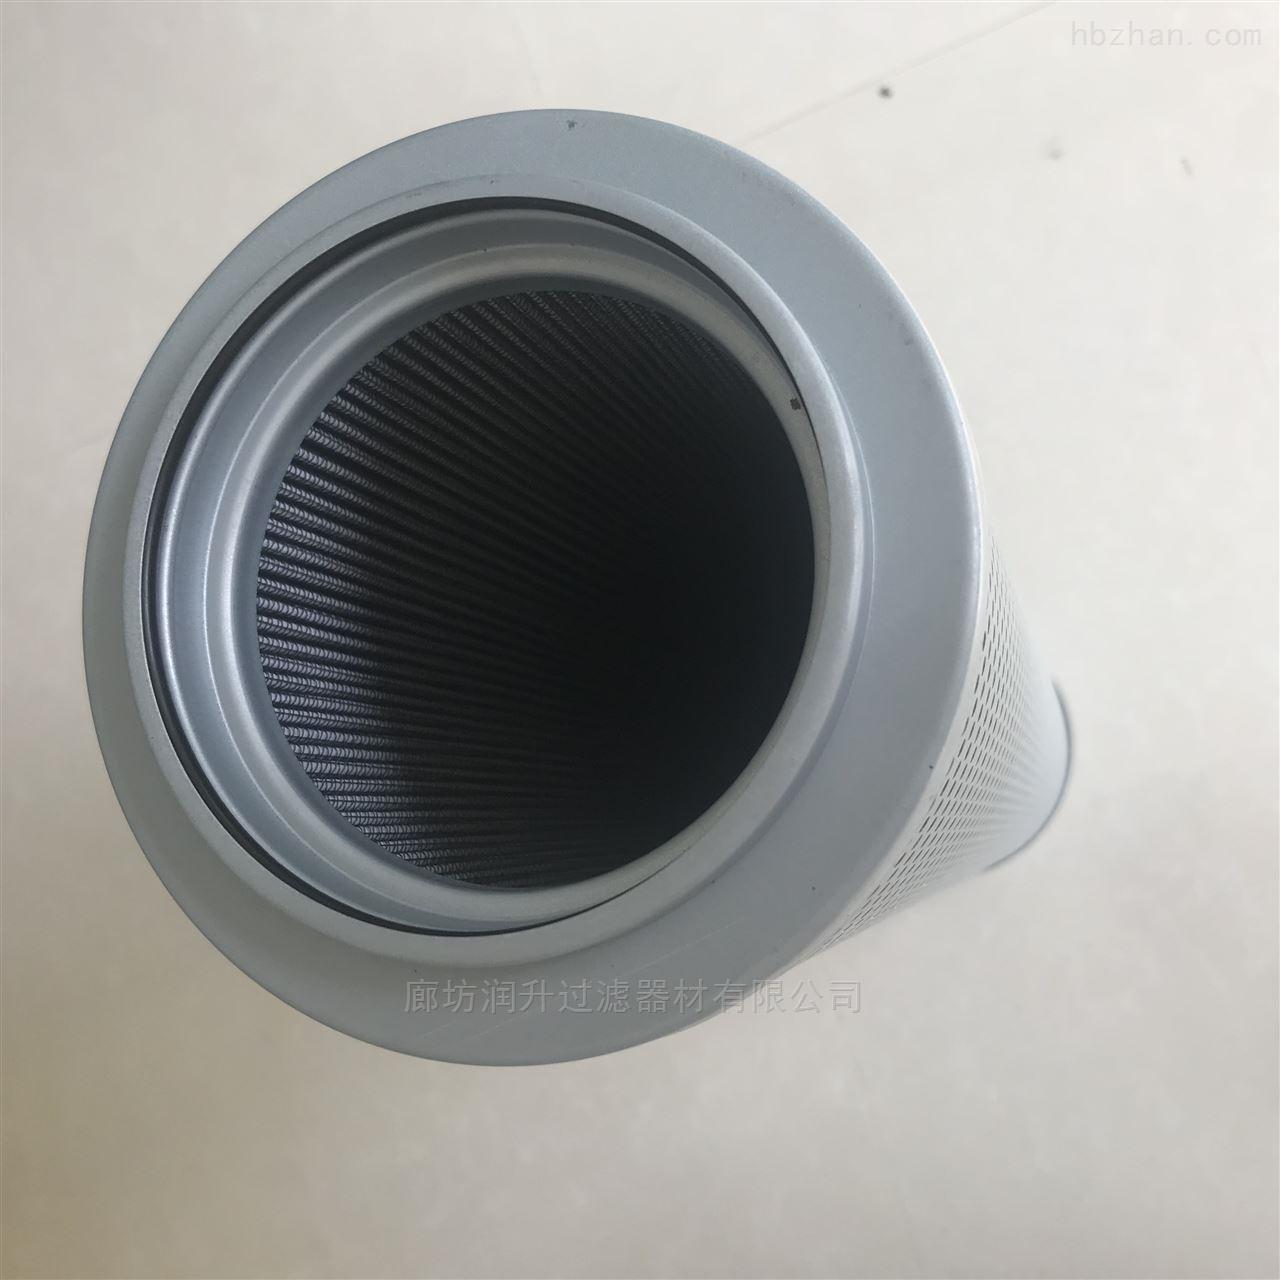 新乡DFM40PP005A01滤芯厂家价格